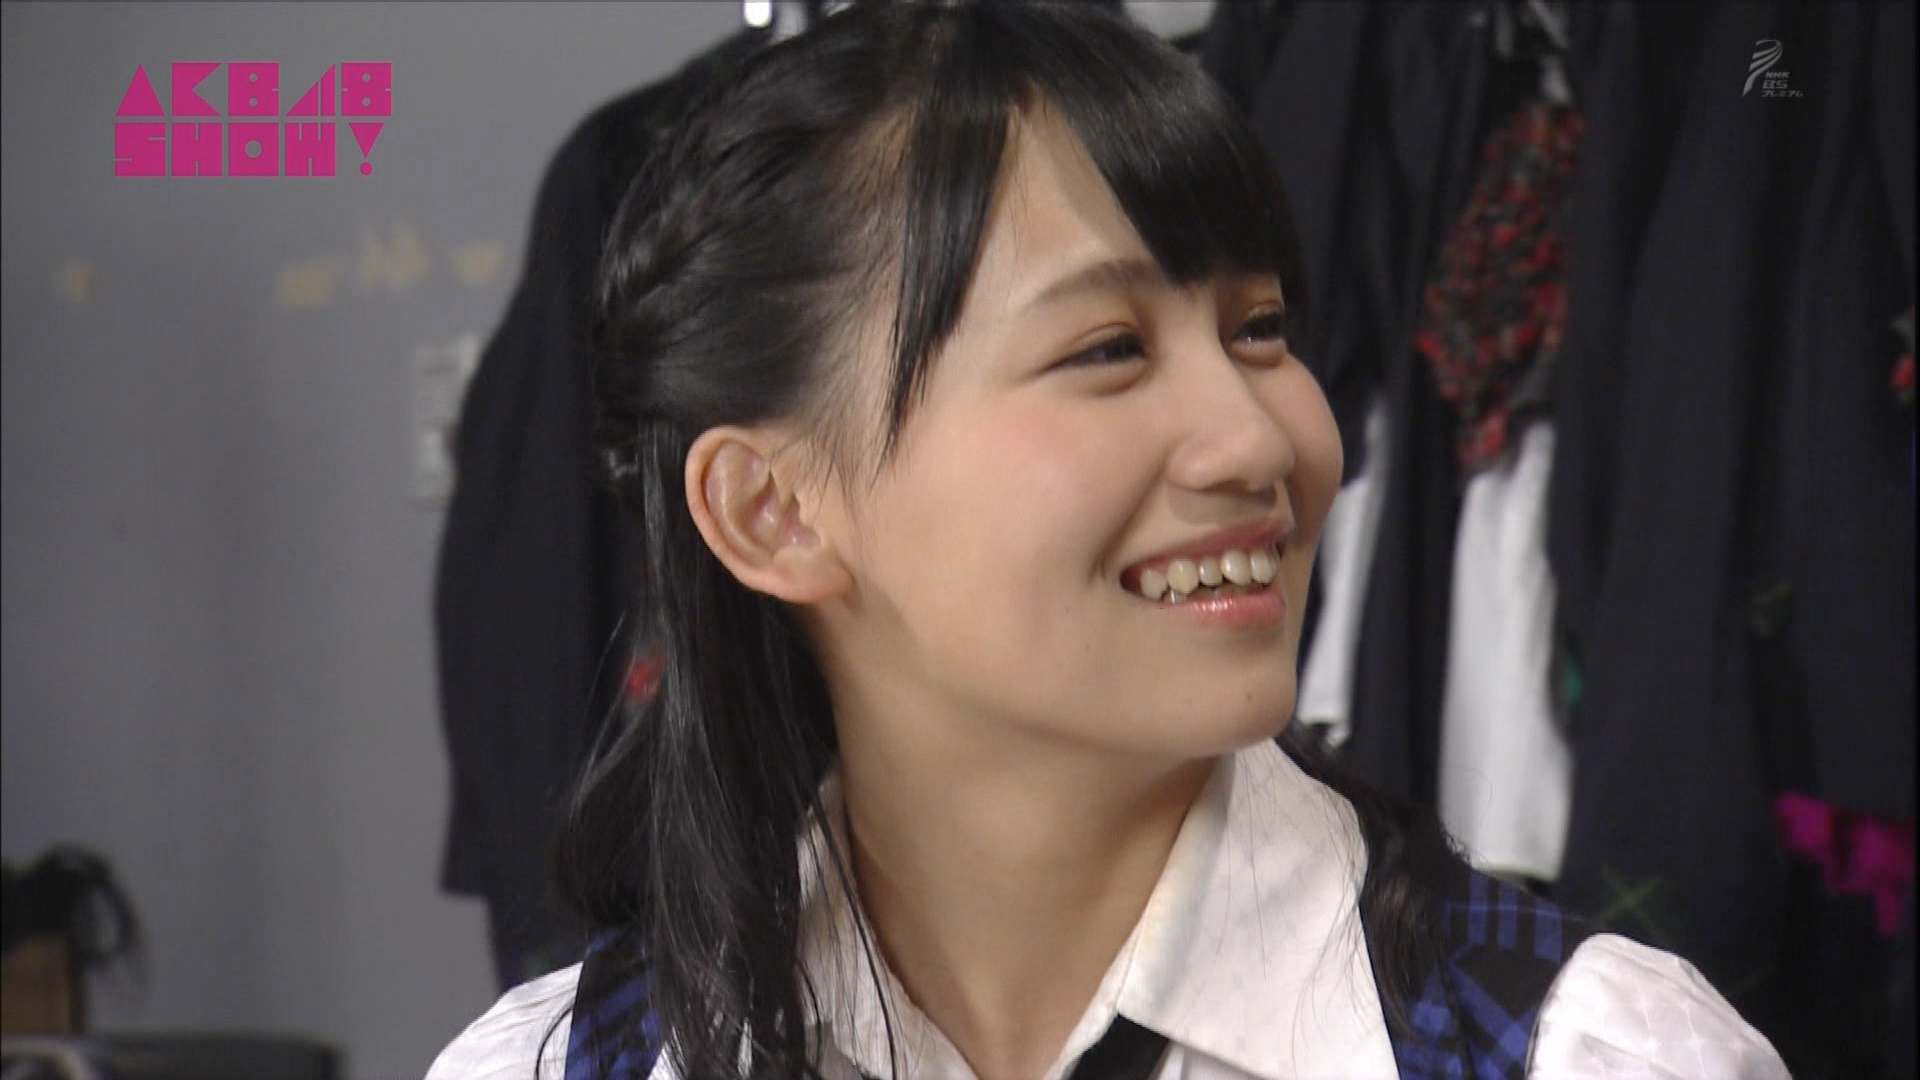 小嶋真子 彼女になれますか AKB48SHOW! 20140906 (4)